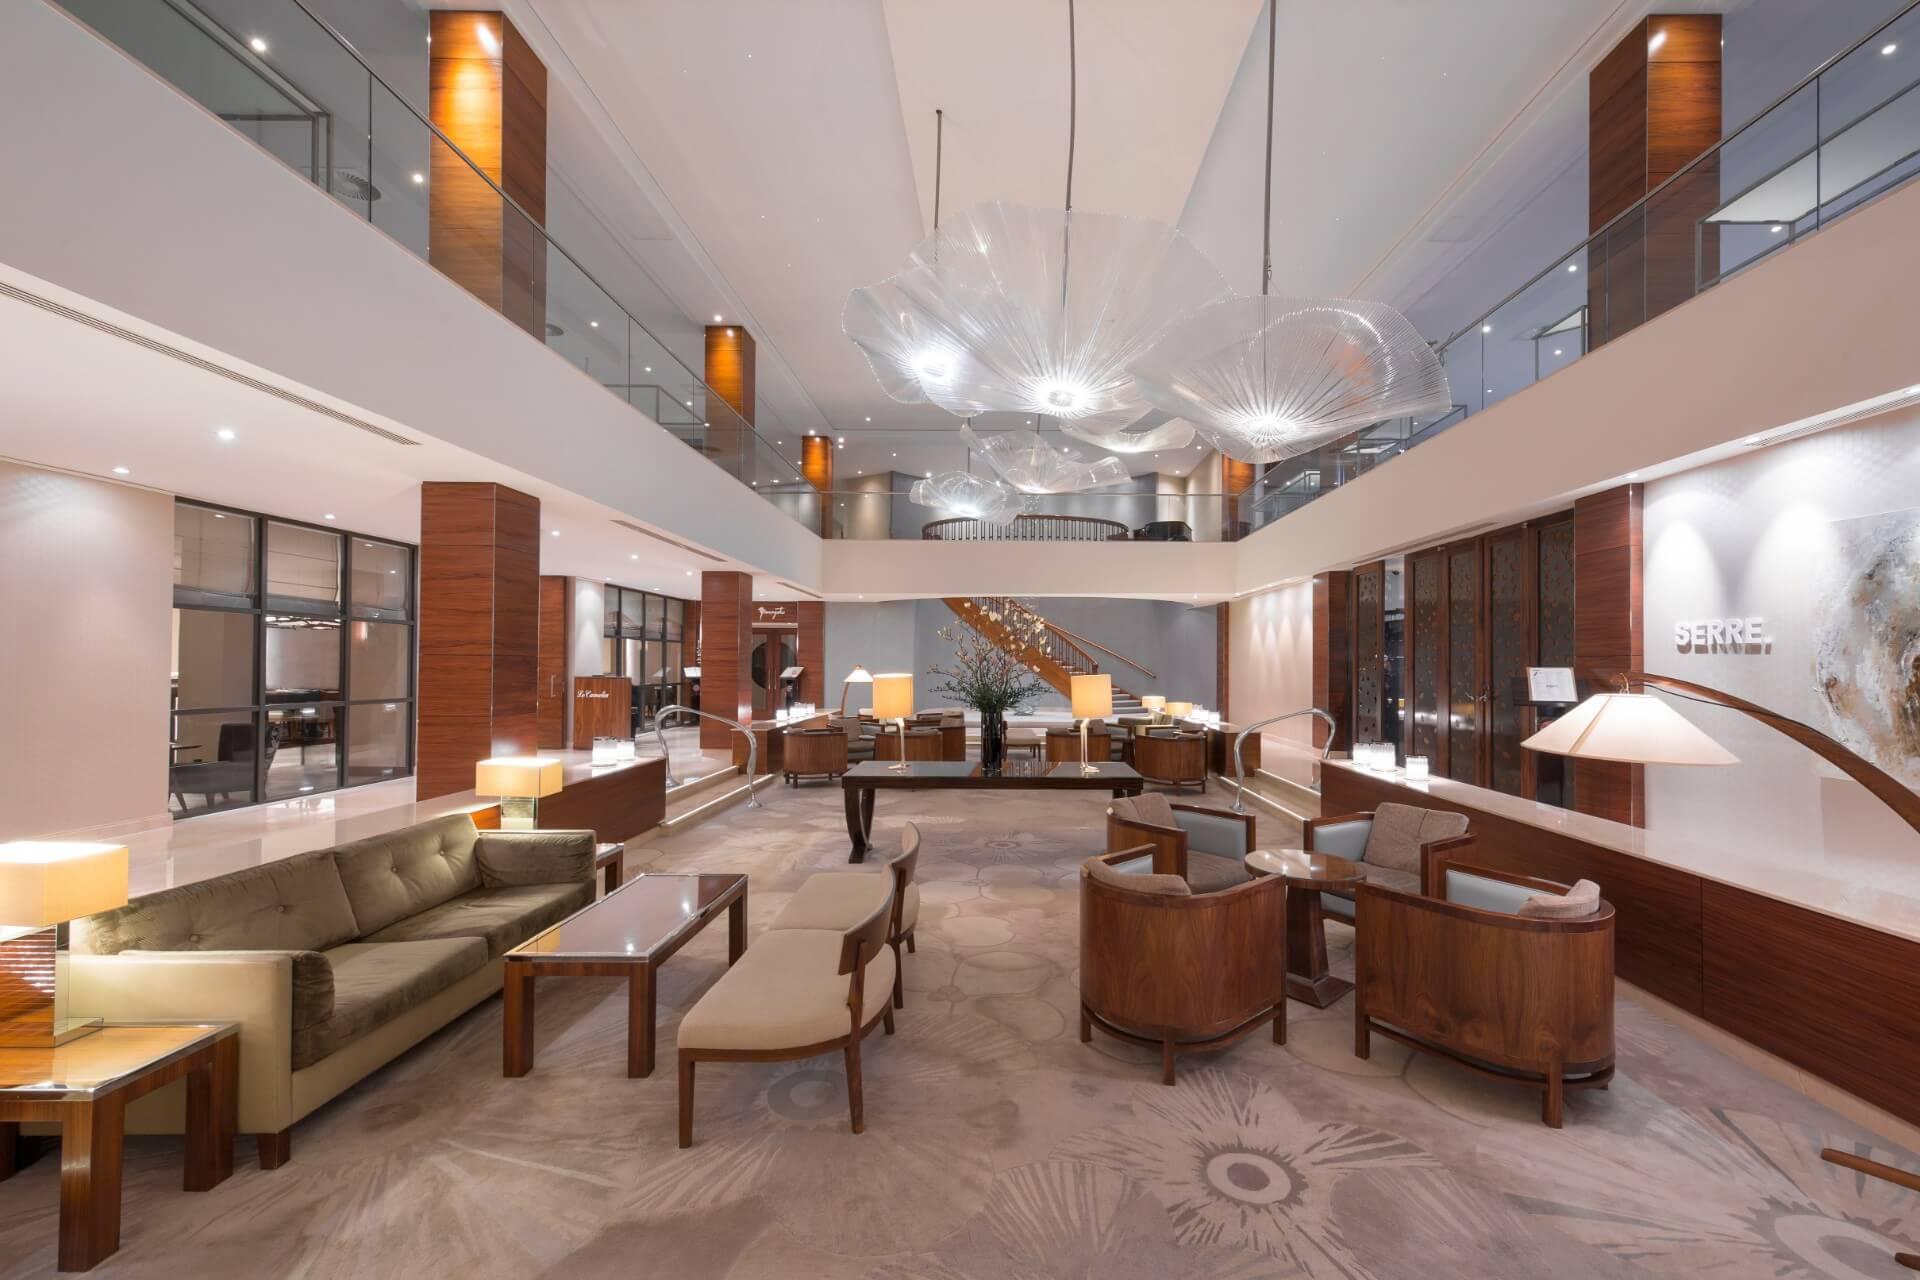 Verschuivingen binnen managementteam Hotel Okura Amsterdam